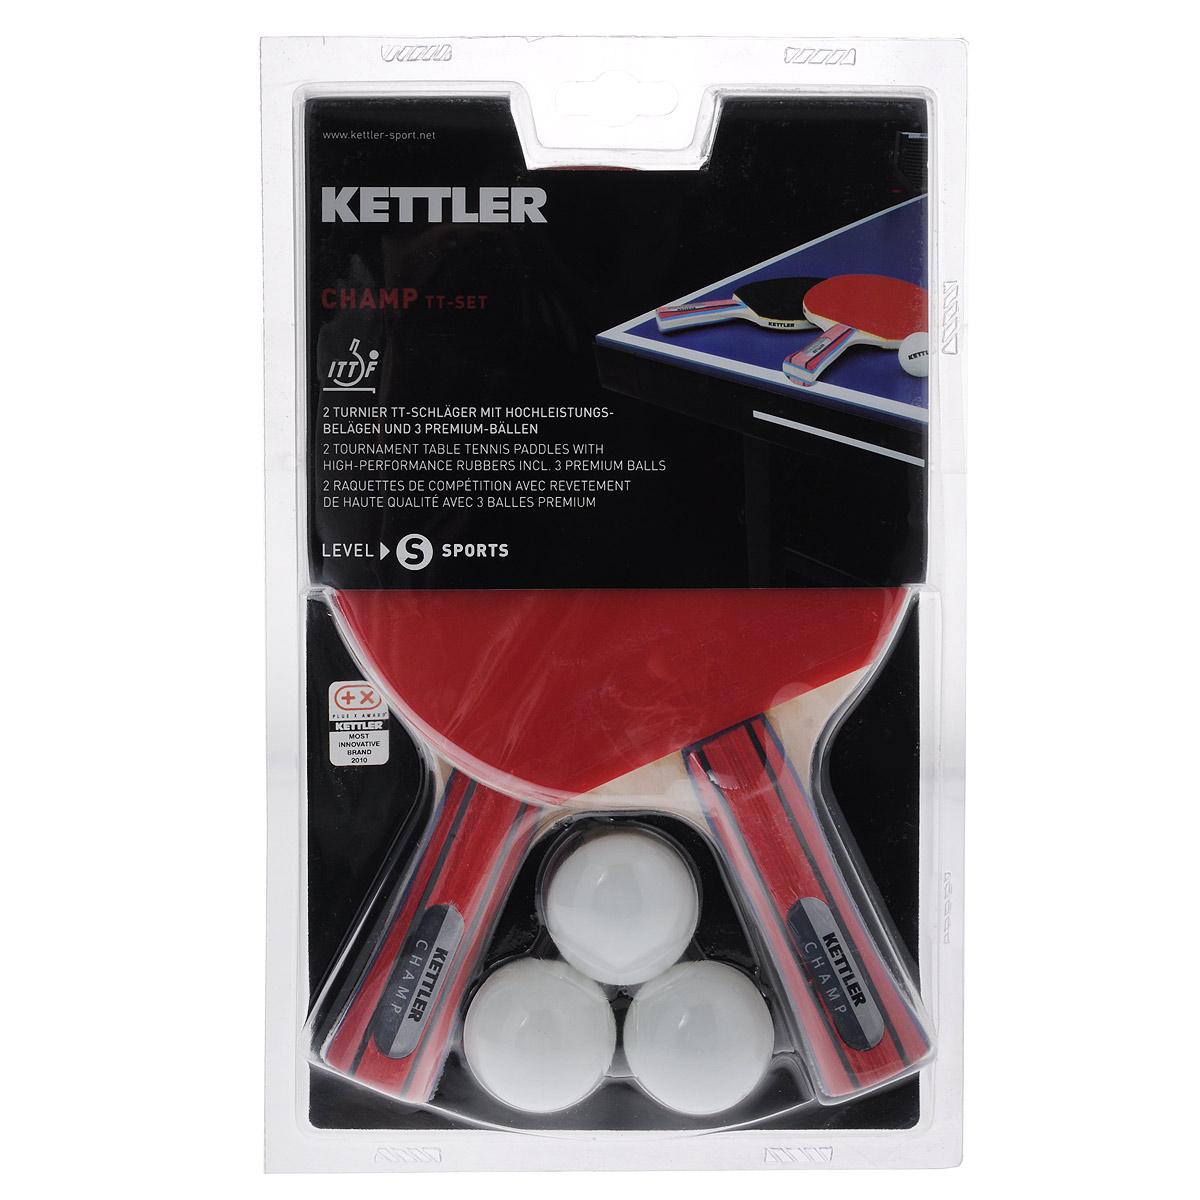 Набор для настольного тенниса Kettler Champ, 5 предметов7091-700Набор для настольного тенниса Kettler Champ включает в себя 2 профессиональные ракетки и 3 белых мячика, предназначен для опытных игроков. Ракетки выполнены из пятислойной фанеры и оснащены накладками из резины толщиной 1,5 мм. Анатомическая рукоятка эргономичной формы специально разработана для надежного хвата и комфортной игры. Хороший контроль, отличные игровые характеристики, высокая скорость игры. В набор также входят 3 мяча (3 звезды/40 мм). Настольный теннис - спортивная игра, основанная на перекидывании мяча ракетками через игровой стол с сеткой, цель которой - не дать противнику отбить мяч. Игра в настольный теннис развивает концентрацию, внимание, ловкость и координацию. Длина ракетки: 25 см. Диаметр шара: 4 см. Класс: S. Скорость: 80%. Вращение: 70%. Контроль: 60%.